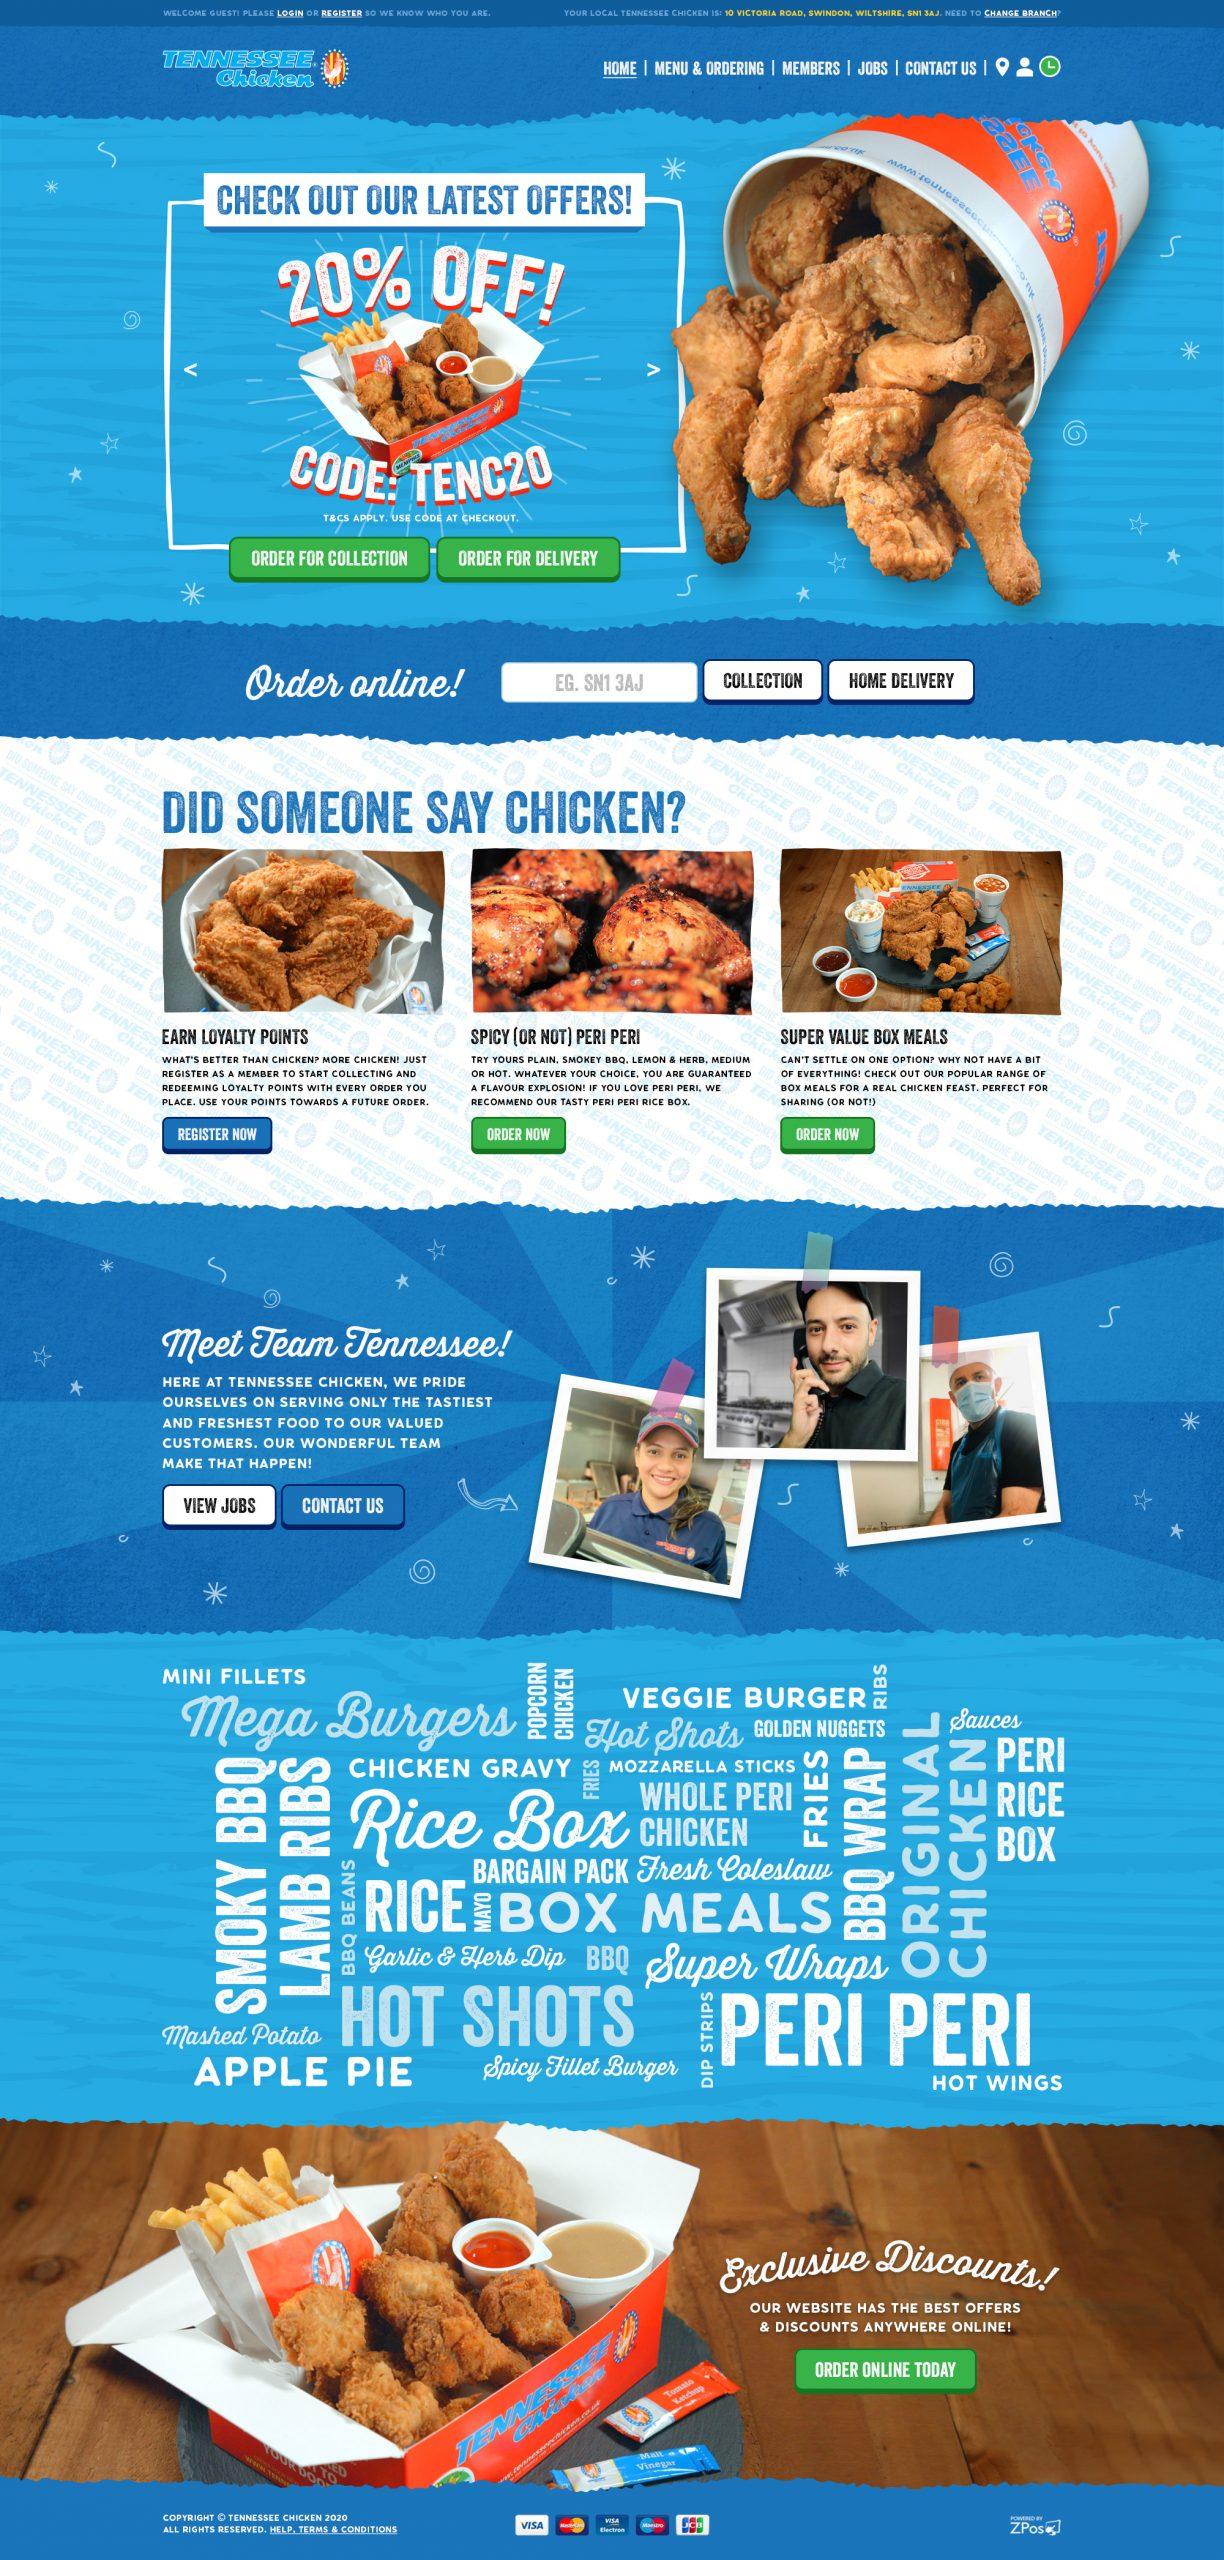 Tennessee Chicken Website Design